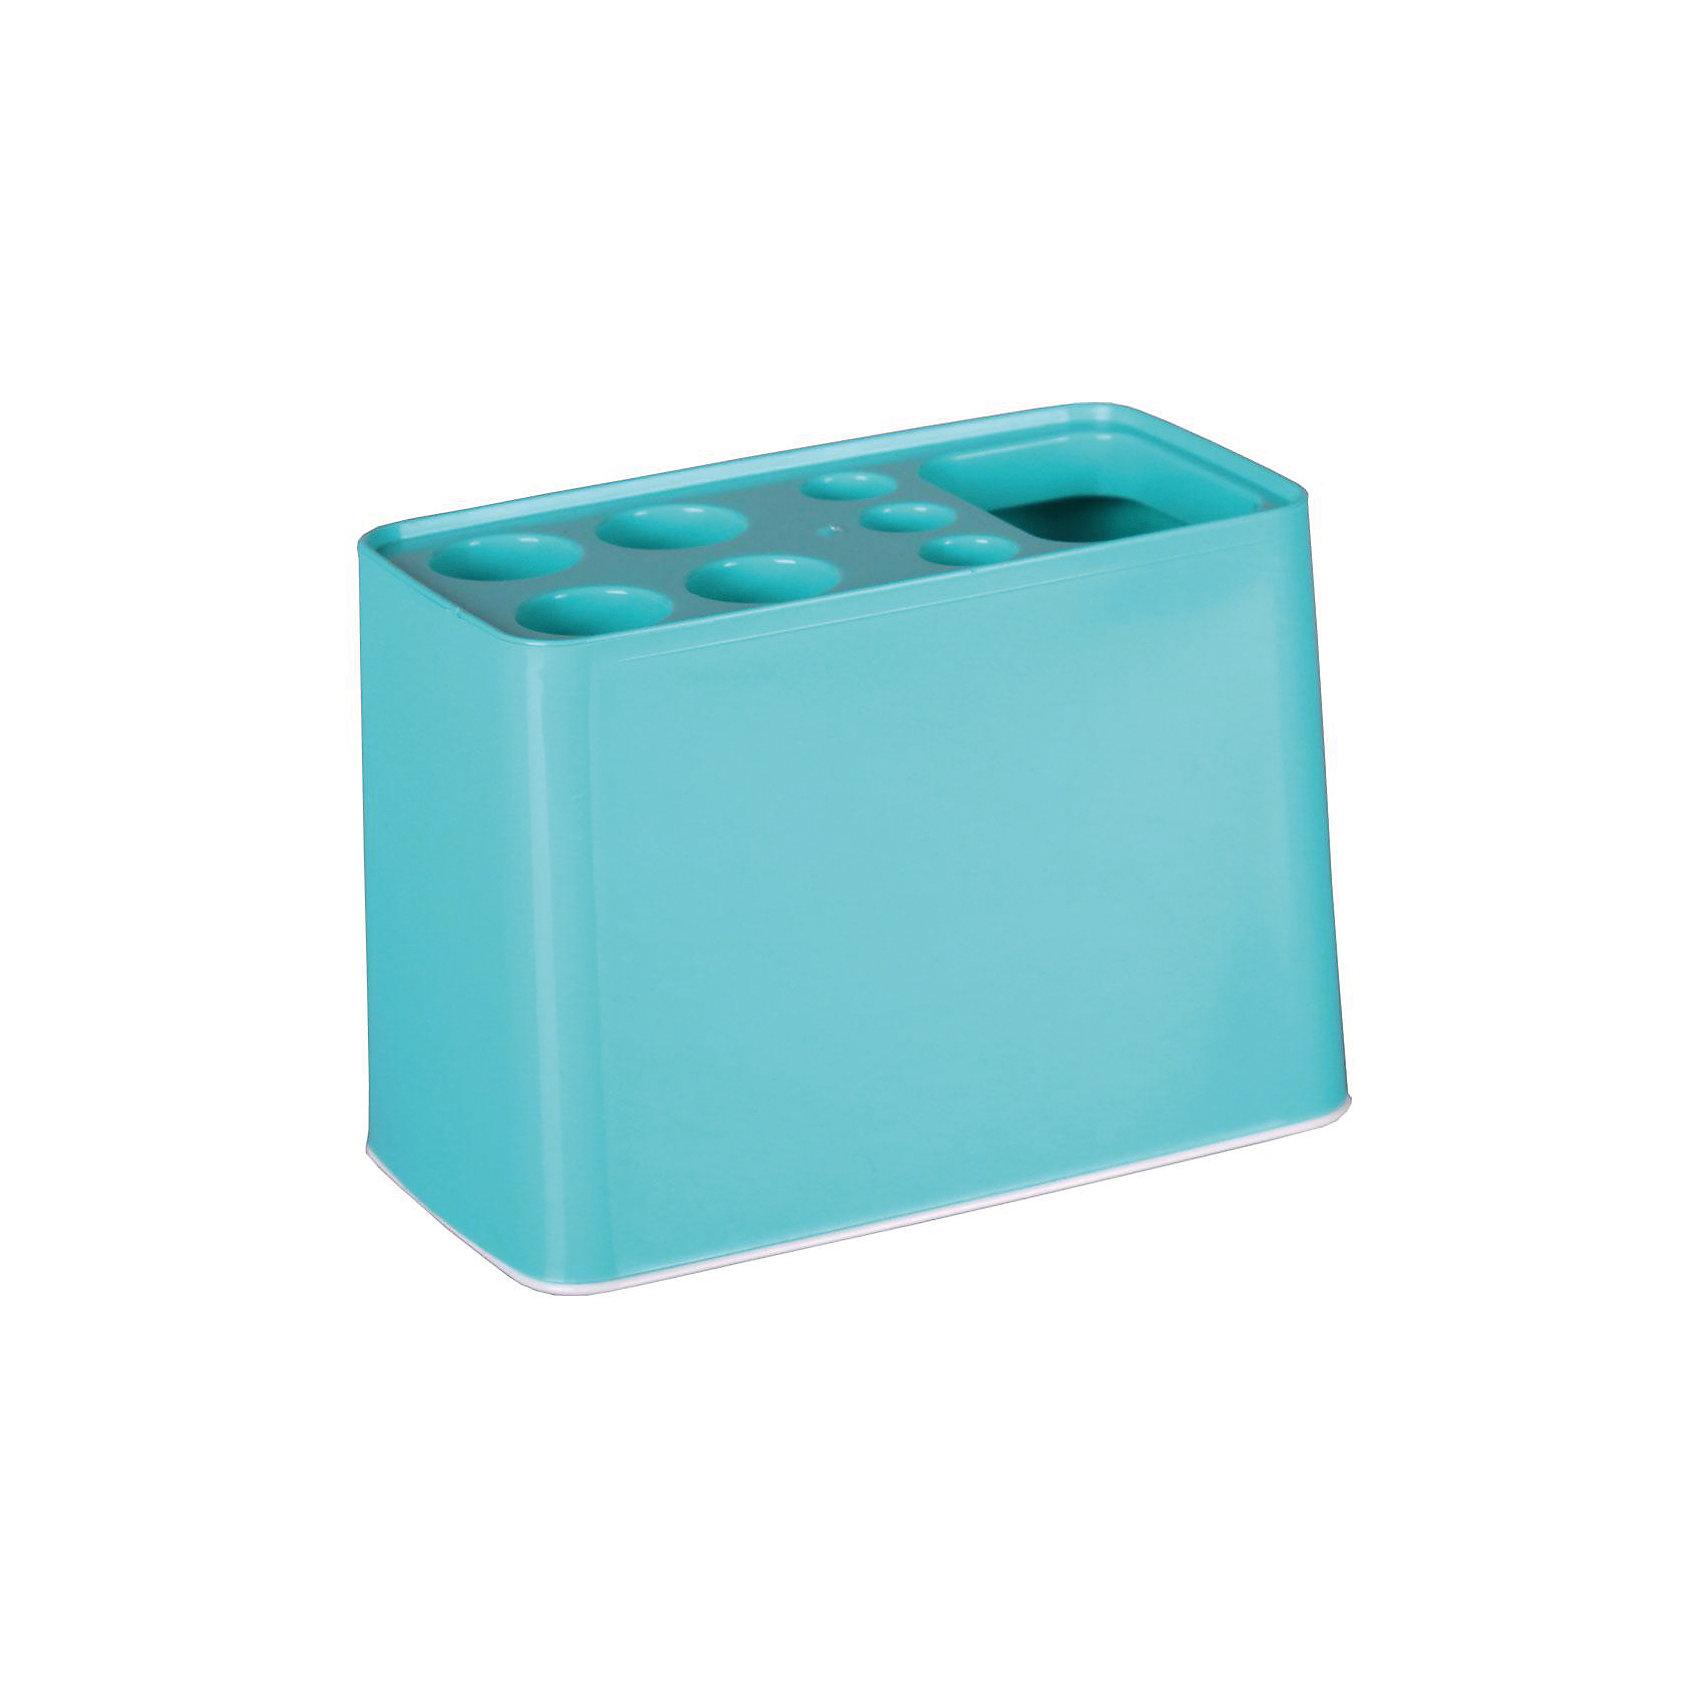 Подставка Дебют для зубных щёток, Alternativa, бирюзовыйТовары для купания<br>Характеристики:<br><br>• Предназначение: для хранения зубных щеток и зубной пасты<br>• Материал: пластик<br>• Цвет: бирюзовый<br>• Размер (Д*Ш*В): 29*26*26 см<br>• Форма: прямоугольный<br>• Особенности ухода: разрешается мыть теплой водой<br><br>Подставка Дебют для зубных щёток, Alternativa, бирюзовый изготовлена отечественным производителем ООО ЗПИ Альтернатива, который специализируется на выпуске широкого спектра изделий из пластика. Изделие выполнено из безопасного и прочного пластика, устойчивого к механическим повреждениям. Подставка имеет прямоугольныйольную форму, что обеспечивает ее компактный размер при высокой вместимости предметов: 4 больших и 3 маленьких отверстия для зубных щеток, также предусмотрено отверстие для хранения зубной пасты. Подставка оснащена съемным дном, благодаря чему изделие очень легкое в уходе. Подставка Дебют для зубных щёток, Alternativa, бирюзовый обеспечит порядок и сохранность зубных щеток в вашей ванной комнате.<br><br>Подставку Дебют для зубных щёток, Alternativa, бирюзовую можно купить в нашем интернет-магазине.<br><br>Ширина мм: 105<br>Глубина мм: 105<br>Высота мм: 125<br>Вес г: 76<br>Возраст от месяцев: 6<br>Возраст до месяцев: 588<br>Пол: Унисекс<br>Возраст: Детский<br>SKU: 5096654